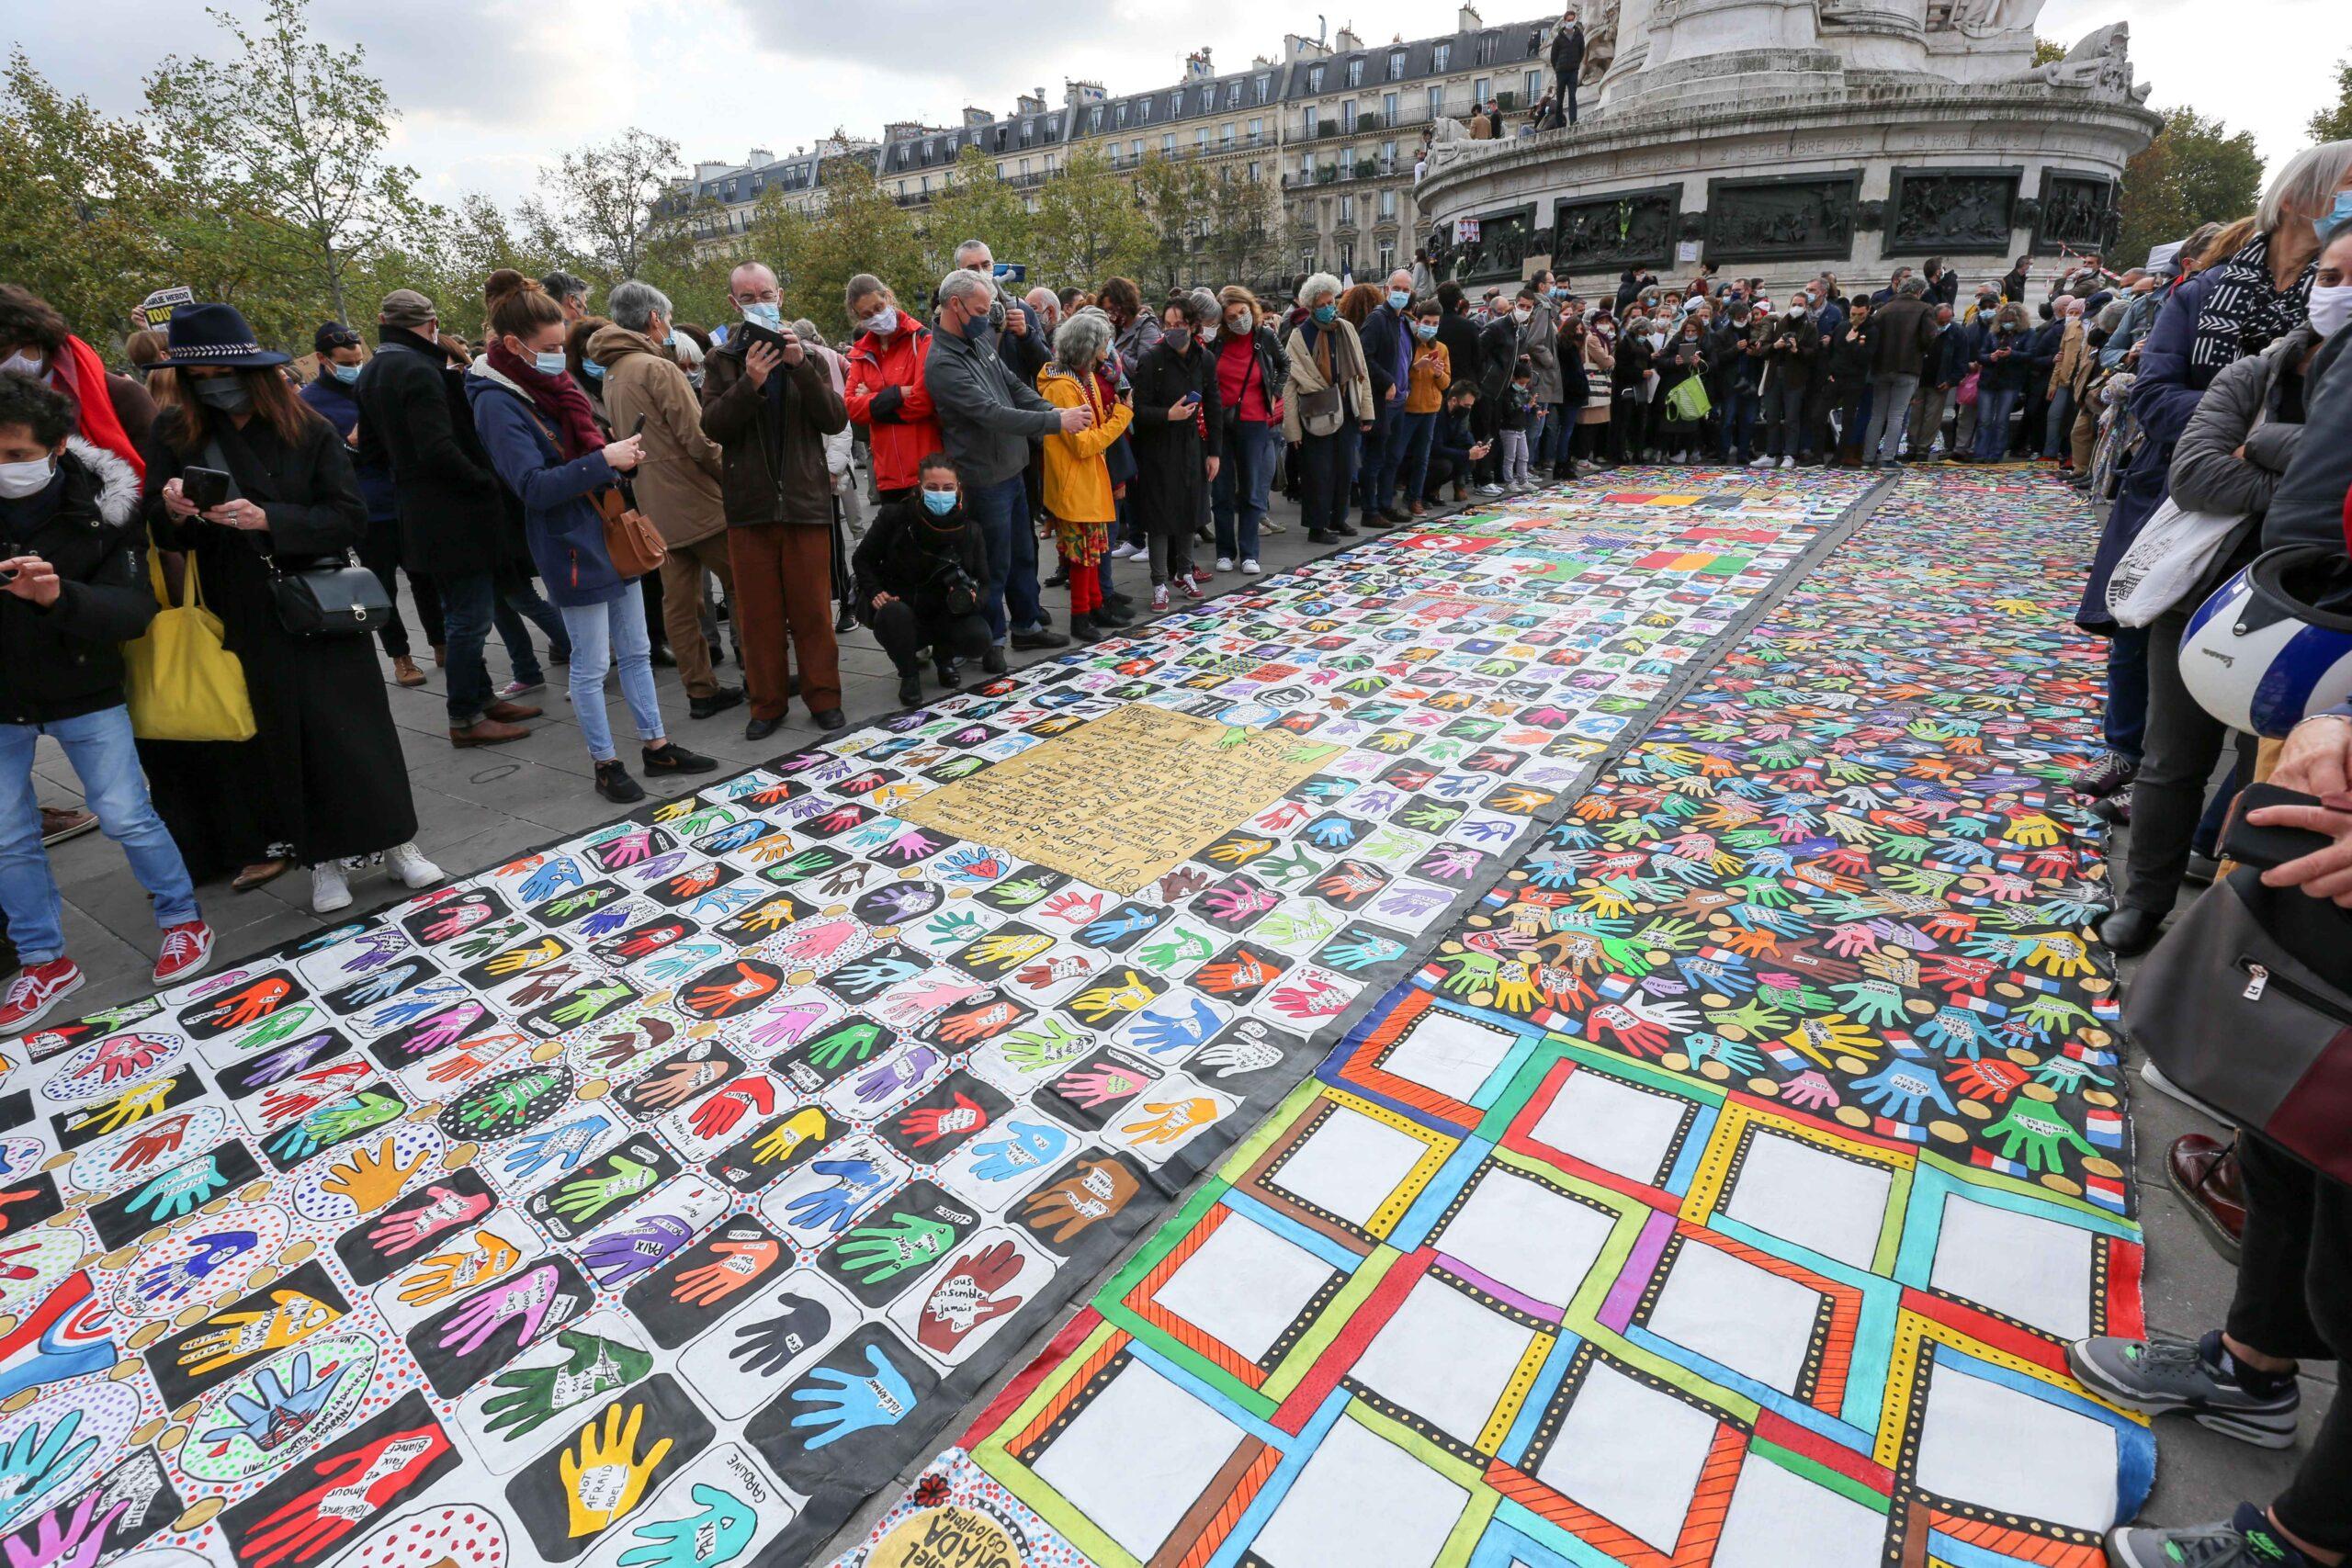 Rassemblement place de la République en hommage au professeur assassiné. © Michel Stoupak. Dim 18.10.2020, 14h49m49.